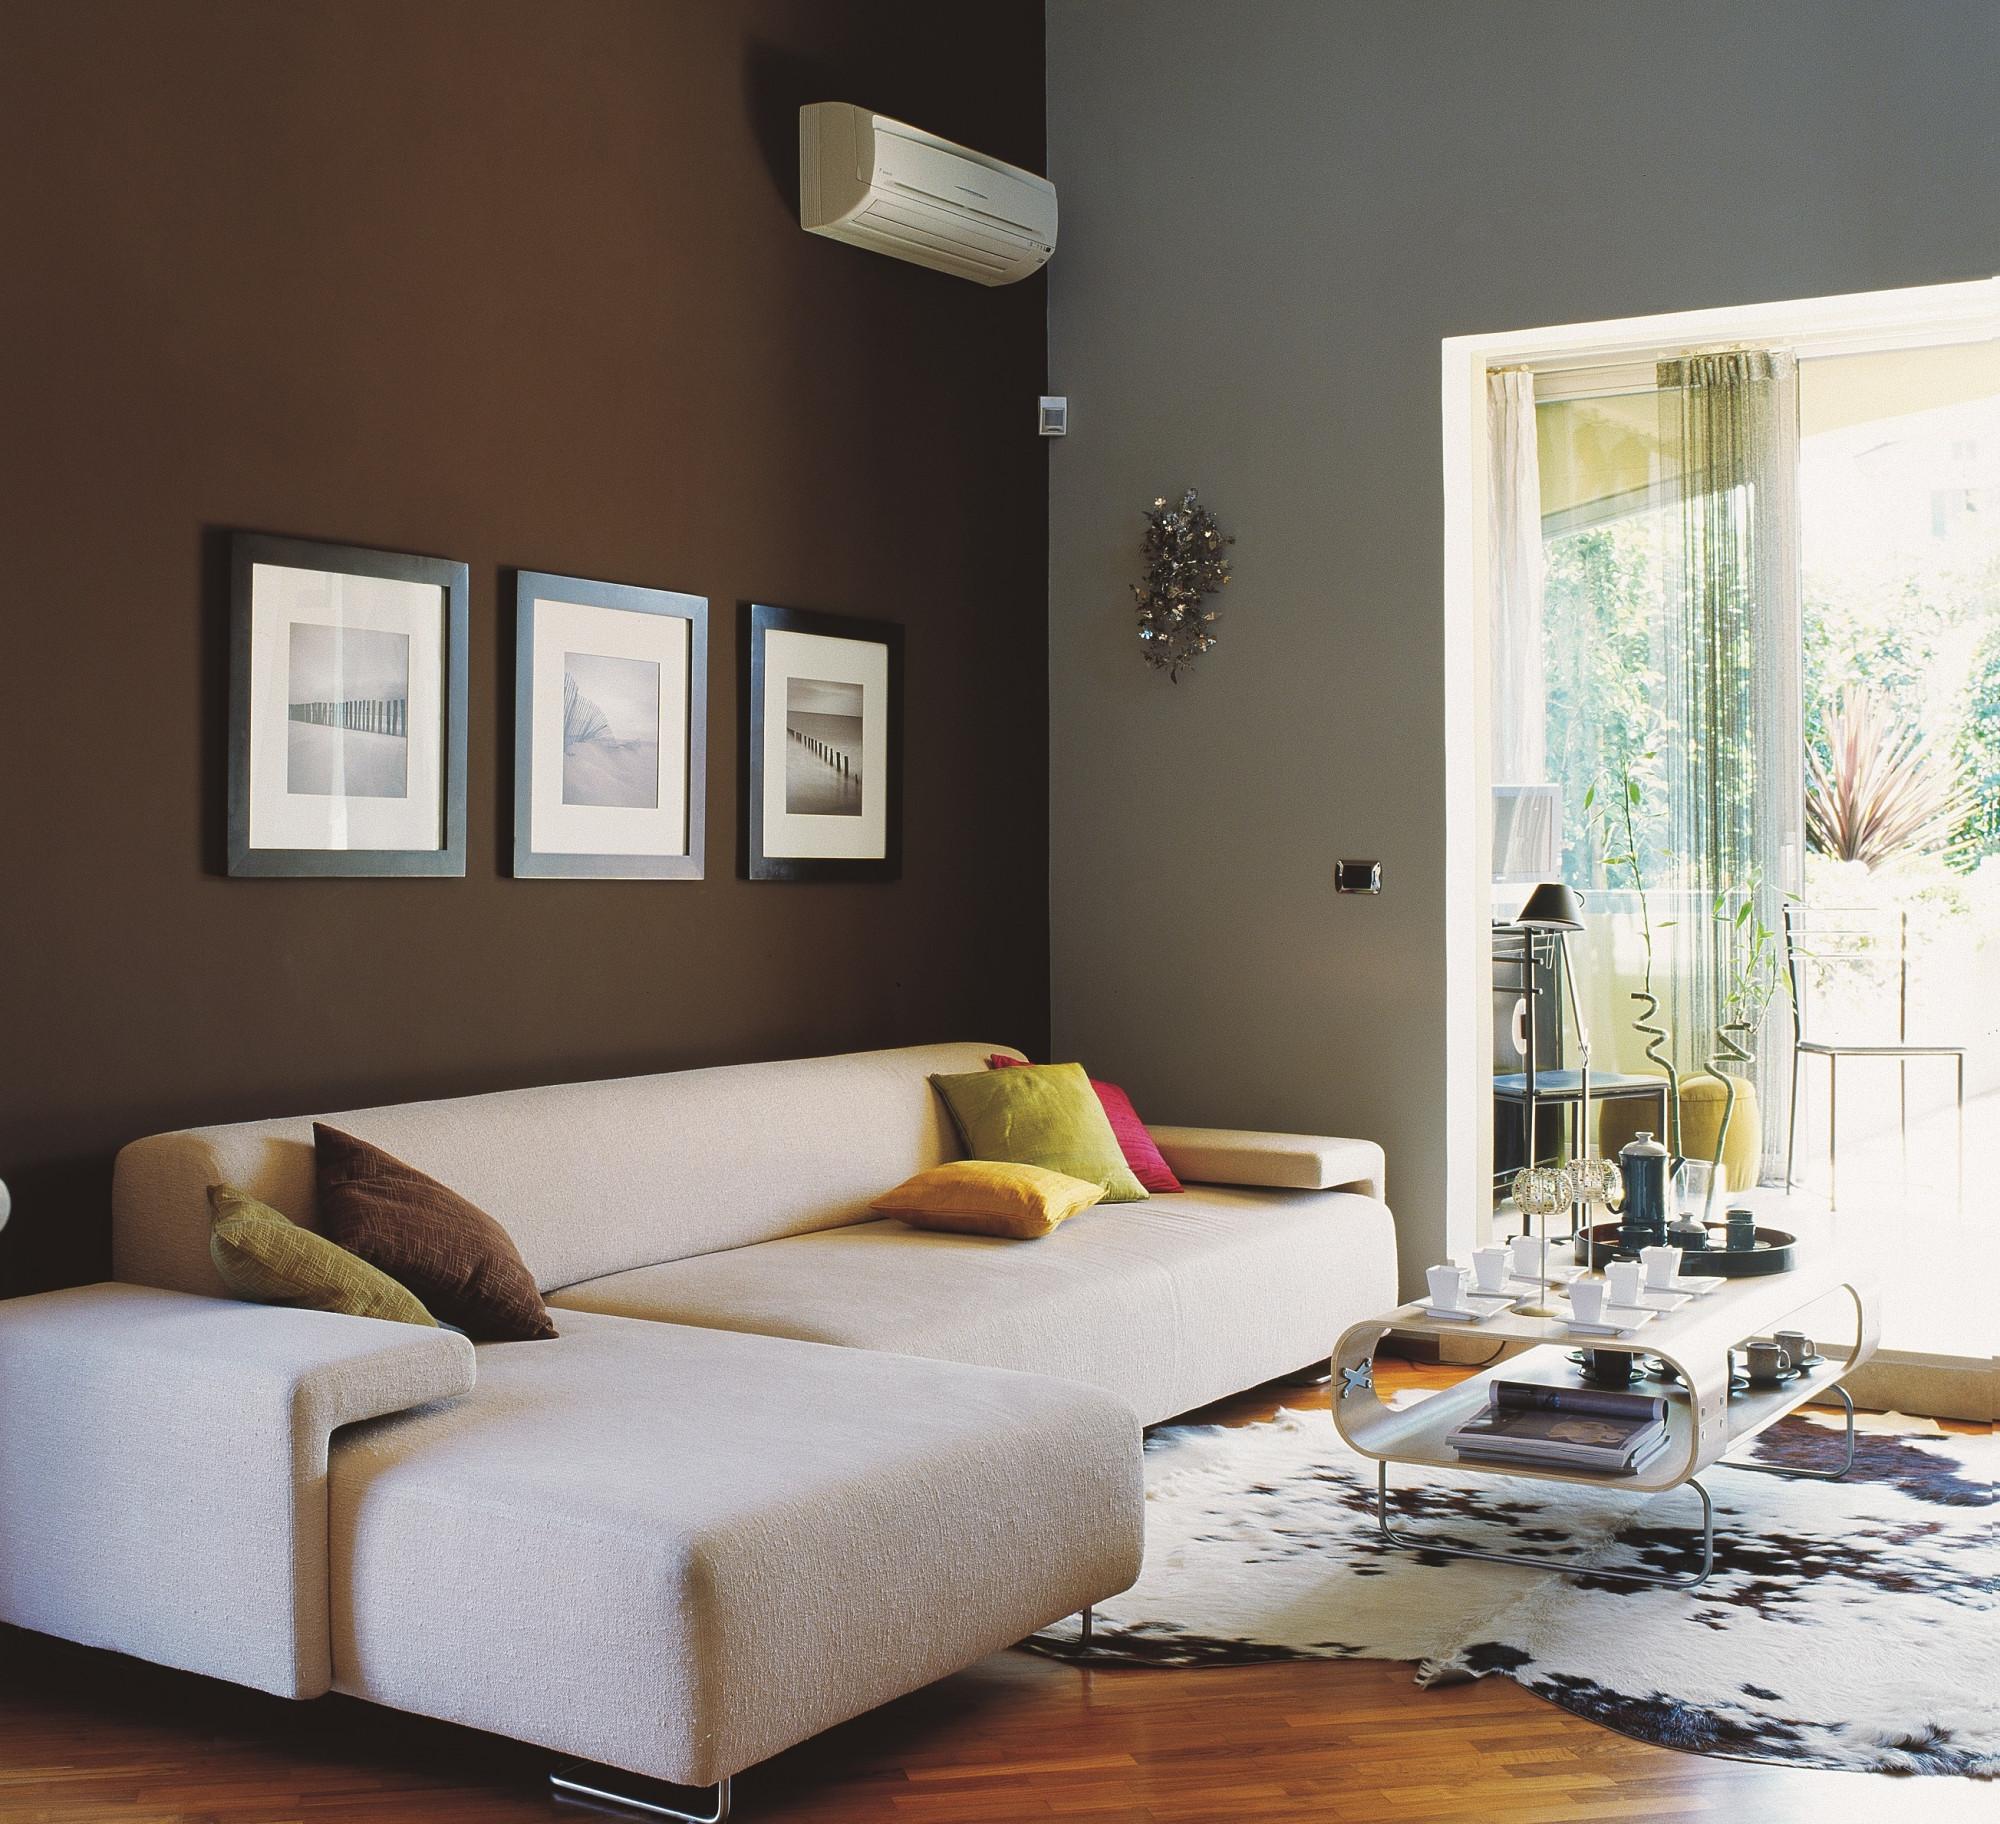 Come Montare Un Condizionatore come installare l'aria condizionata in un appartamento in